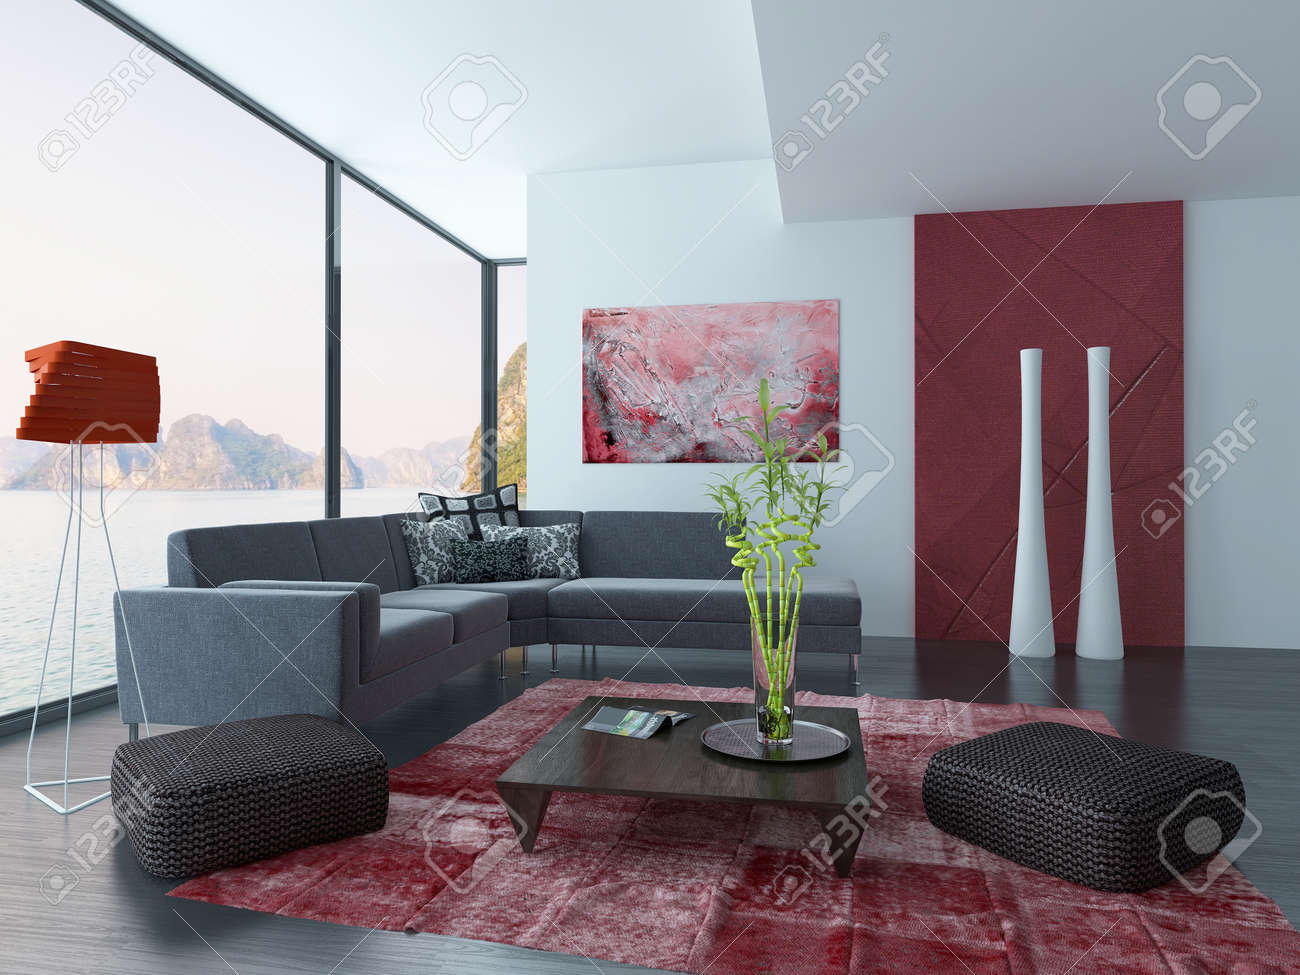 Intérieur moderne salon avec canapé noir et tapis rouge